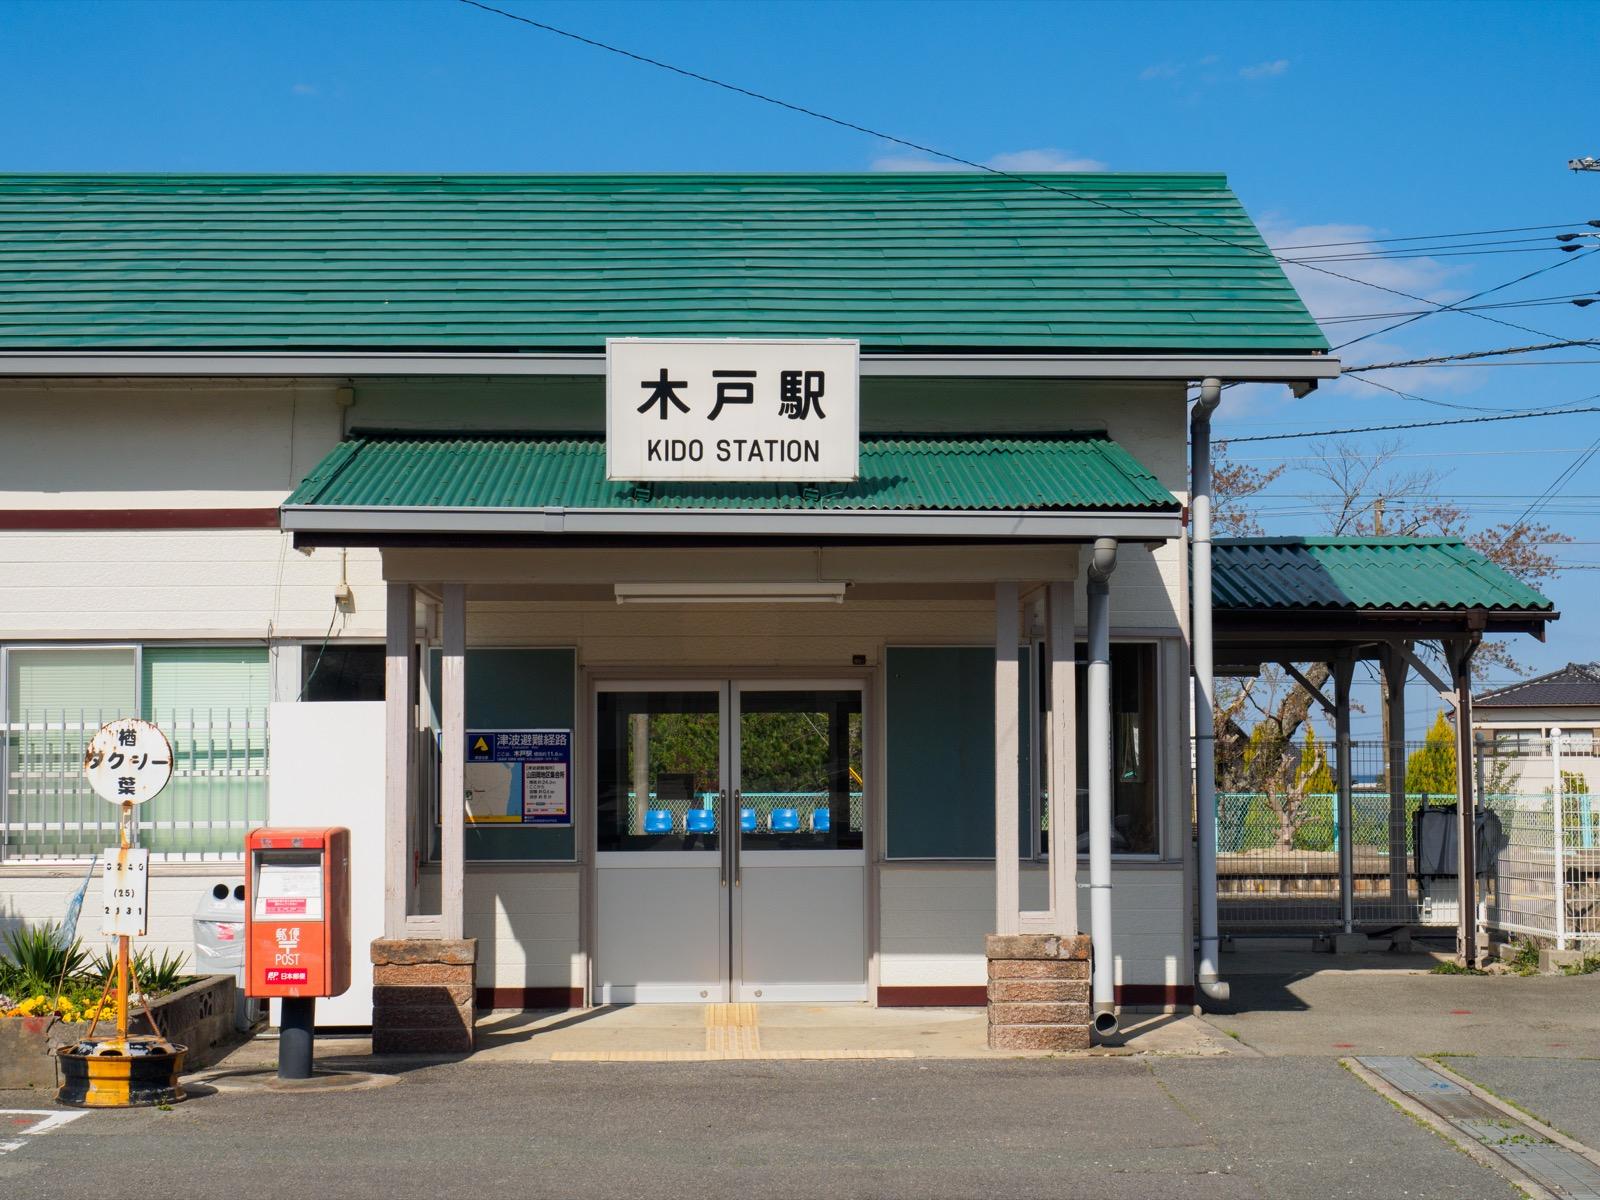 木戸駅の駅舎(2017年4月)